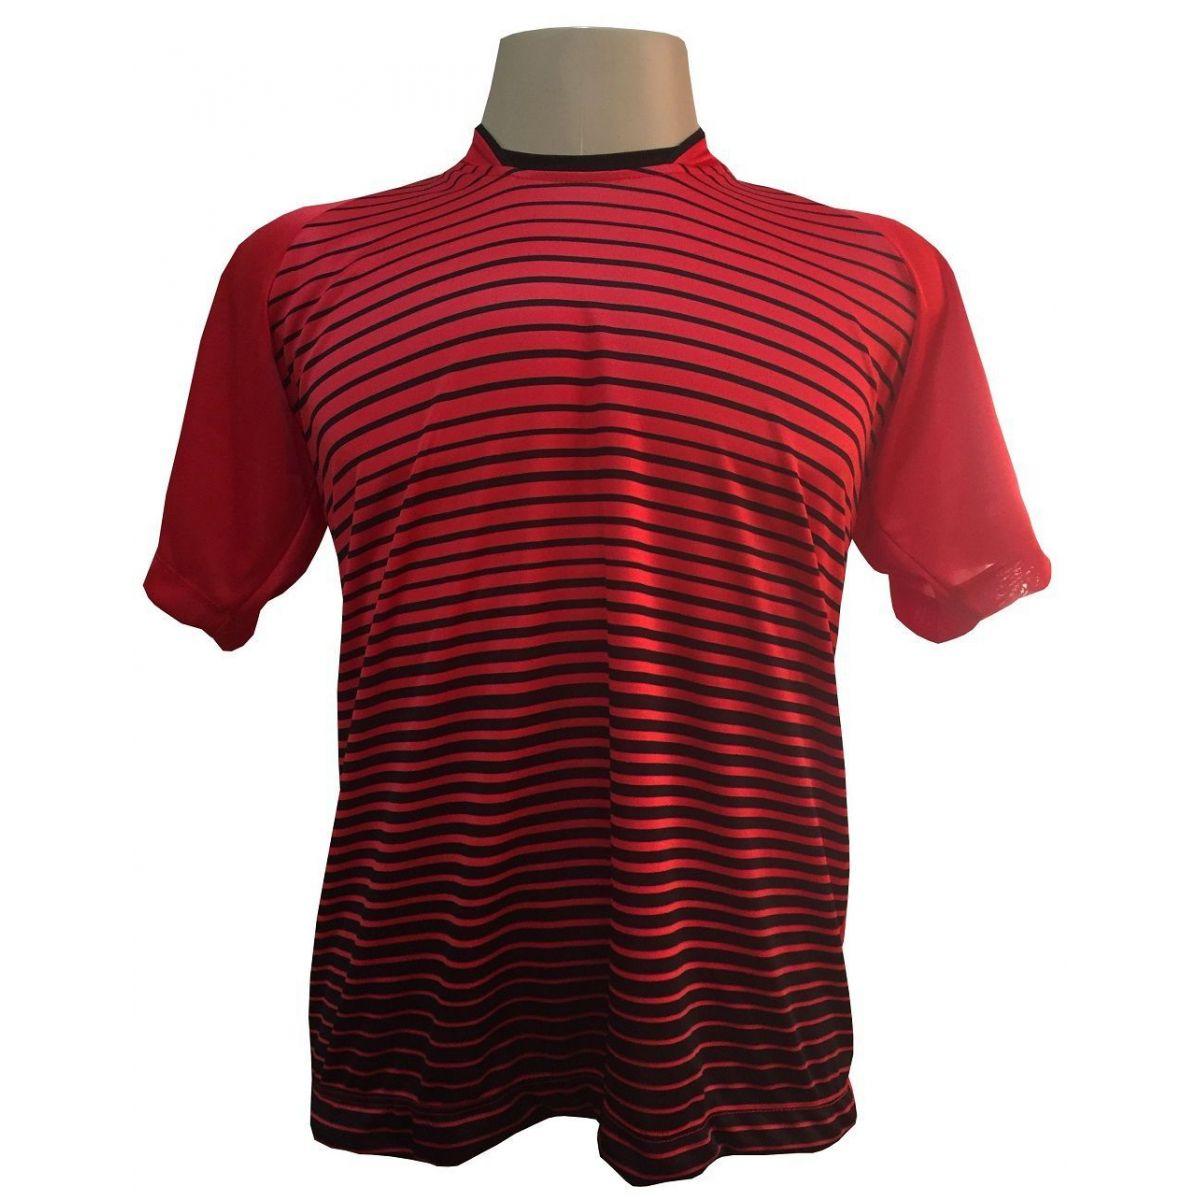 Fardamento Completo modelo City 18+1 (18 Camisas Vermelho/Preto + 18 Calções Copa Preto/Vermelho + 18 Pares de Meiões Pretos + 1 Conjunto de Goleiro) + Brindes